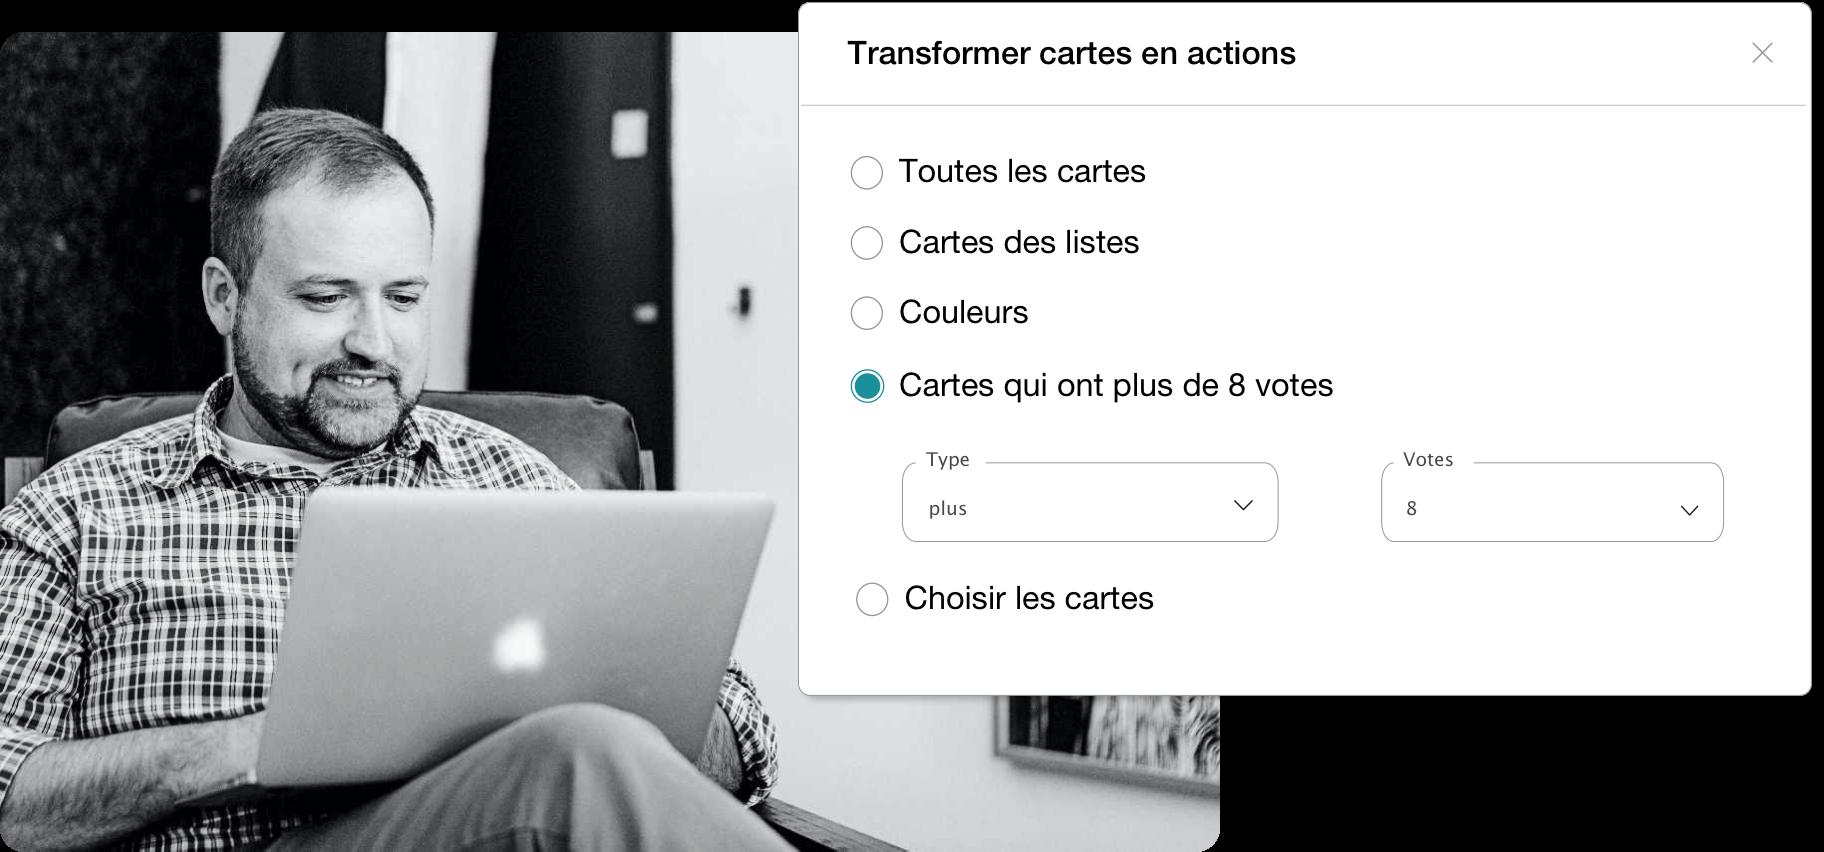 photo montrant la fonctionnalité de transformation des cartes en actions lors d'un brainstorming en ligne